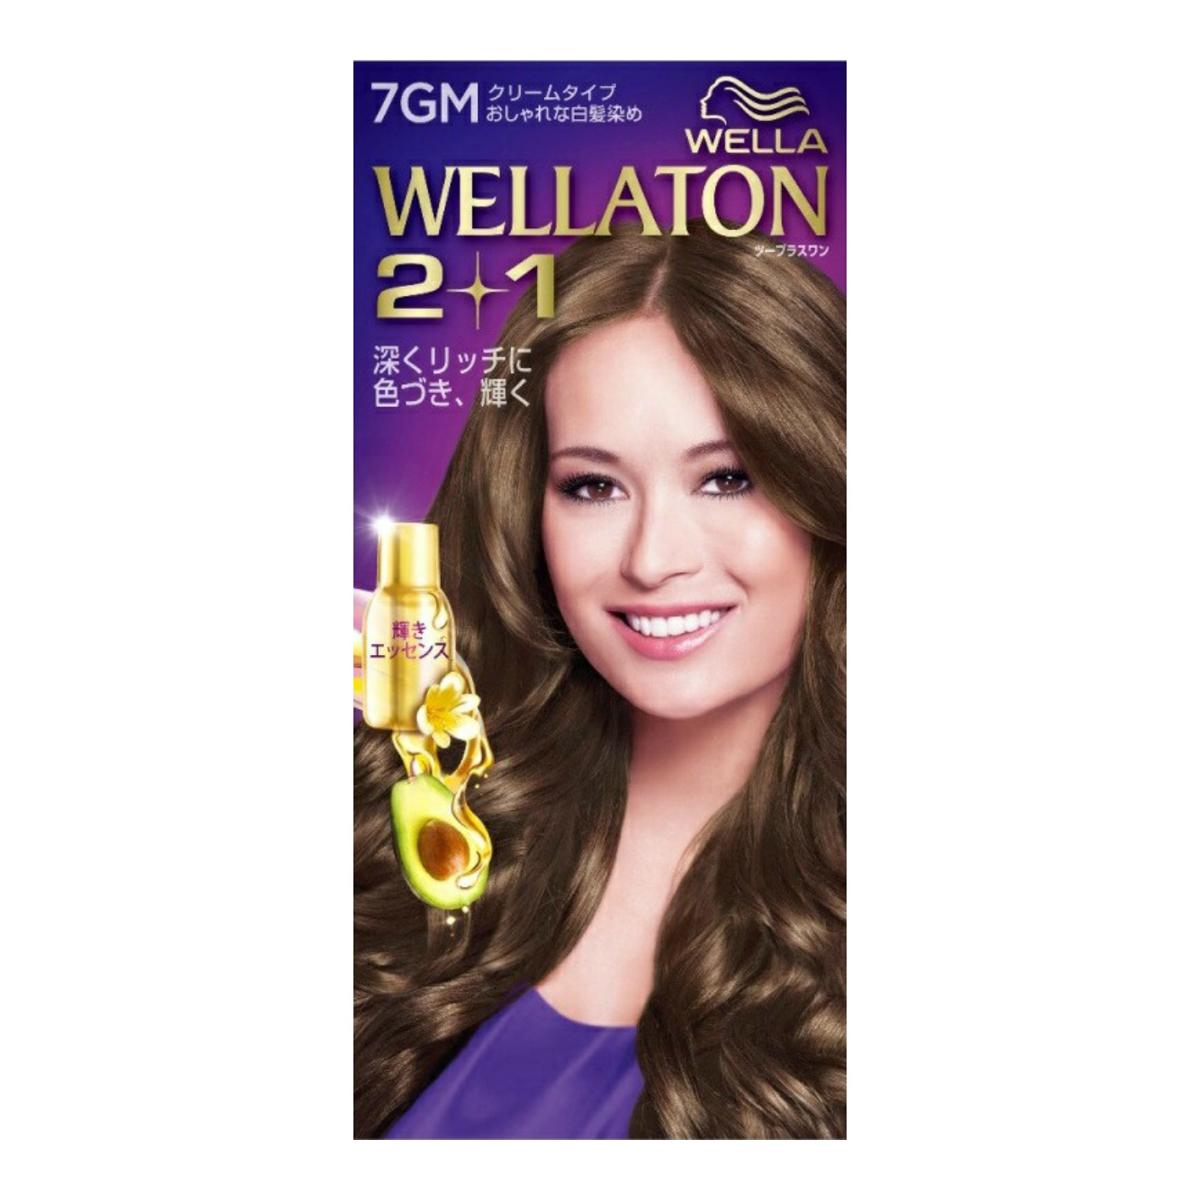 【24個で送料無料】 ウエラトーン ツープラスワン ( 2+1 ) クリーム 7GM ×24点セット ( 4056800251018 )